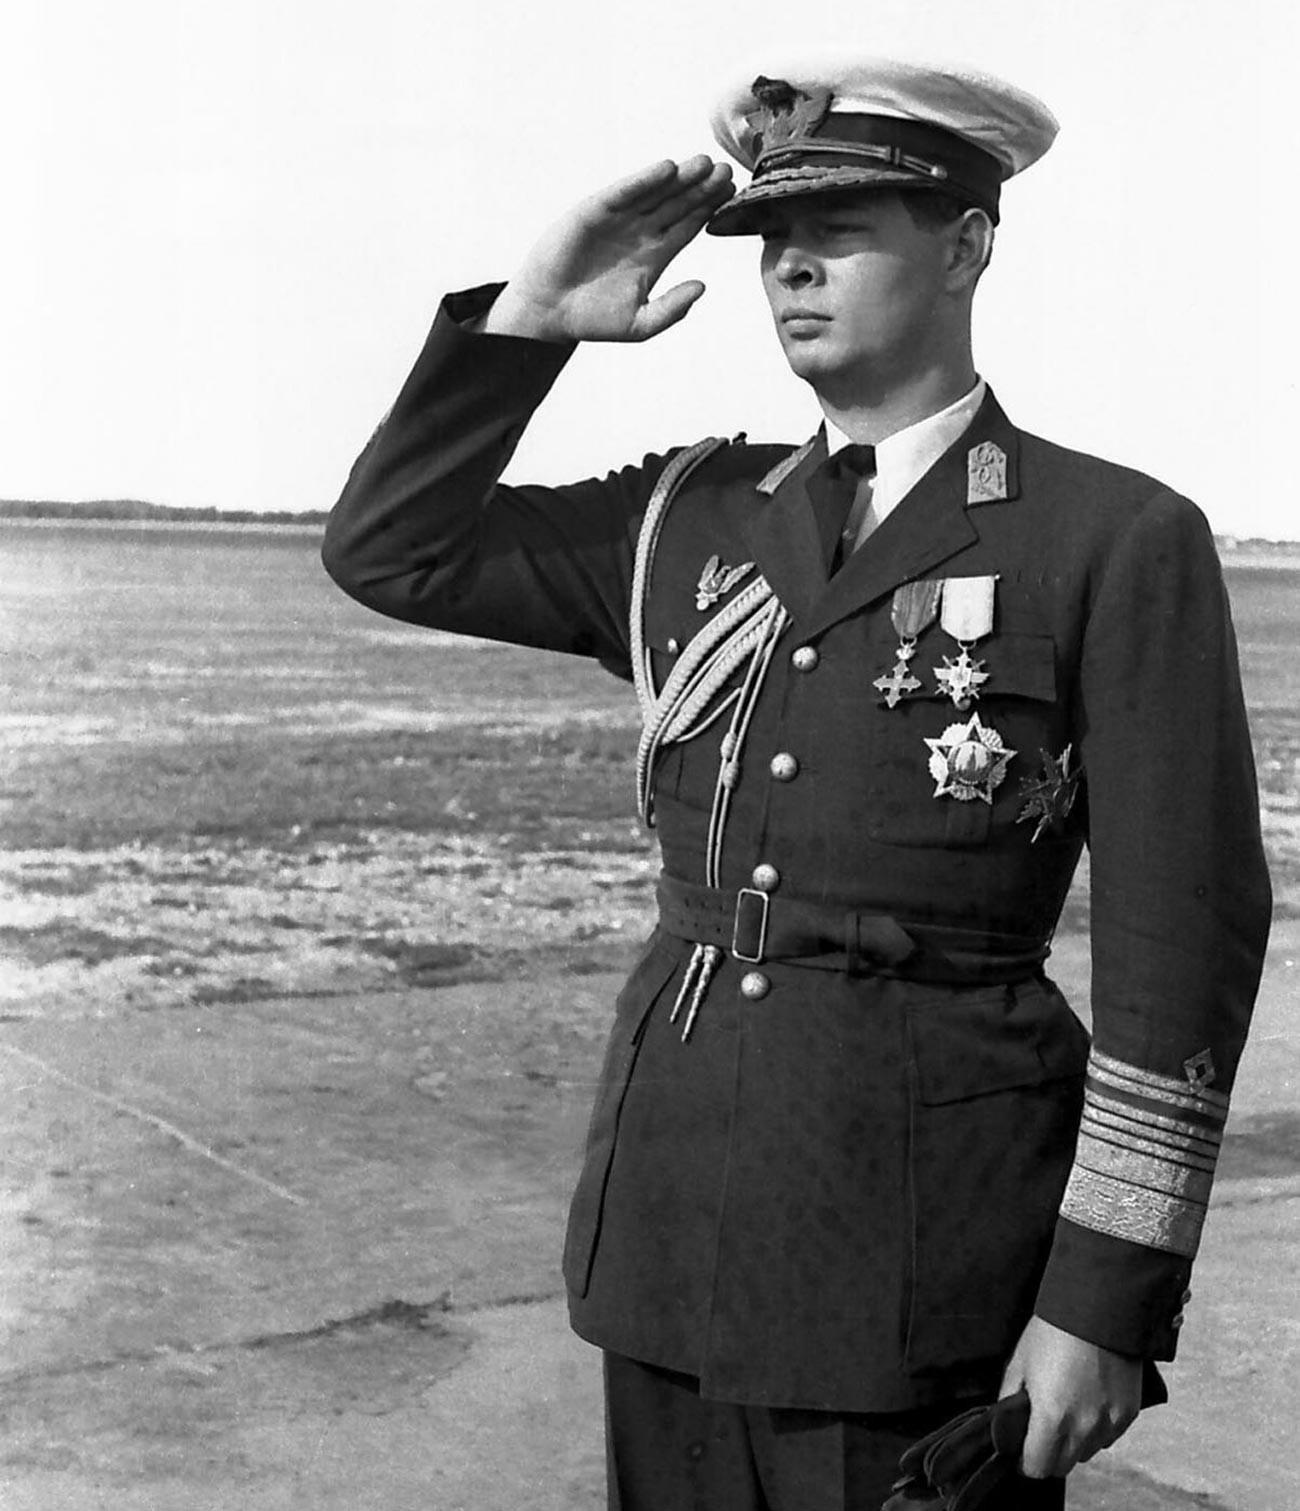 Краљ Михај Румунски са Орденом Победе.